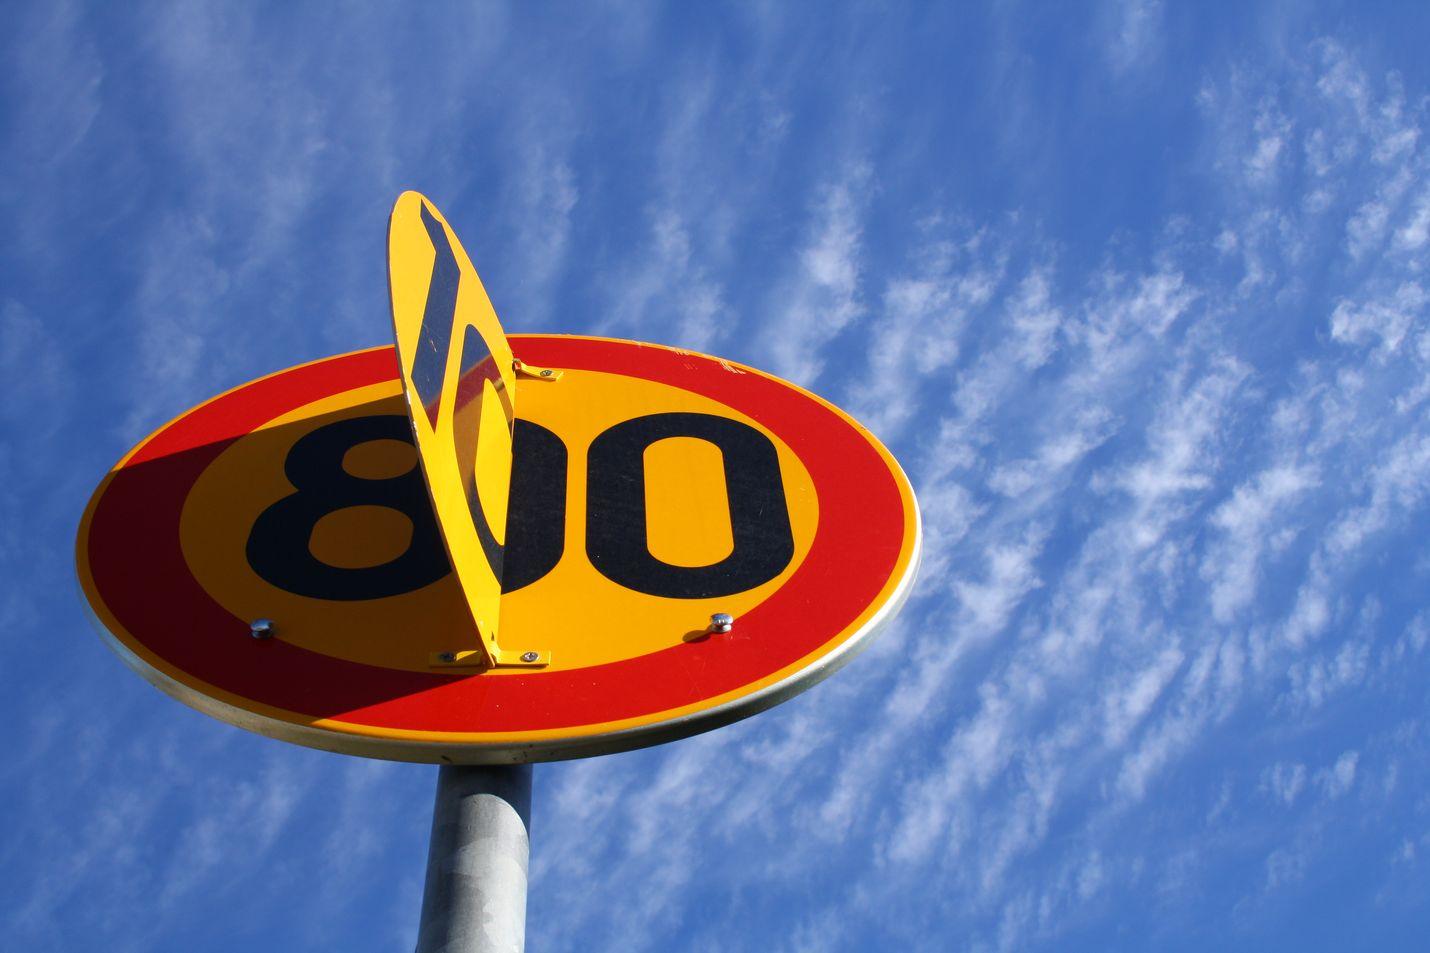 Talvinopeusrajoitukset tulevat voimaan tällä viikolla suurella osalla tiestöä. 100 km/t rajoitus putoaa 80 kilometriin tunnissa.